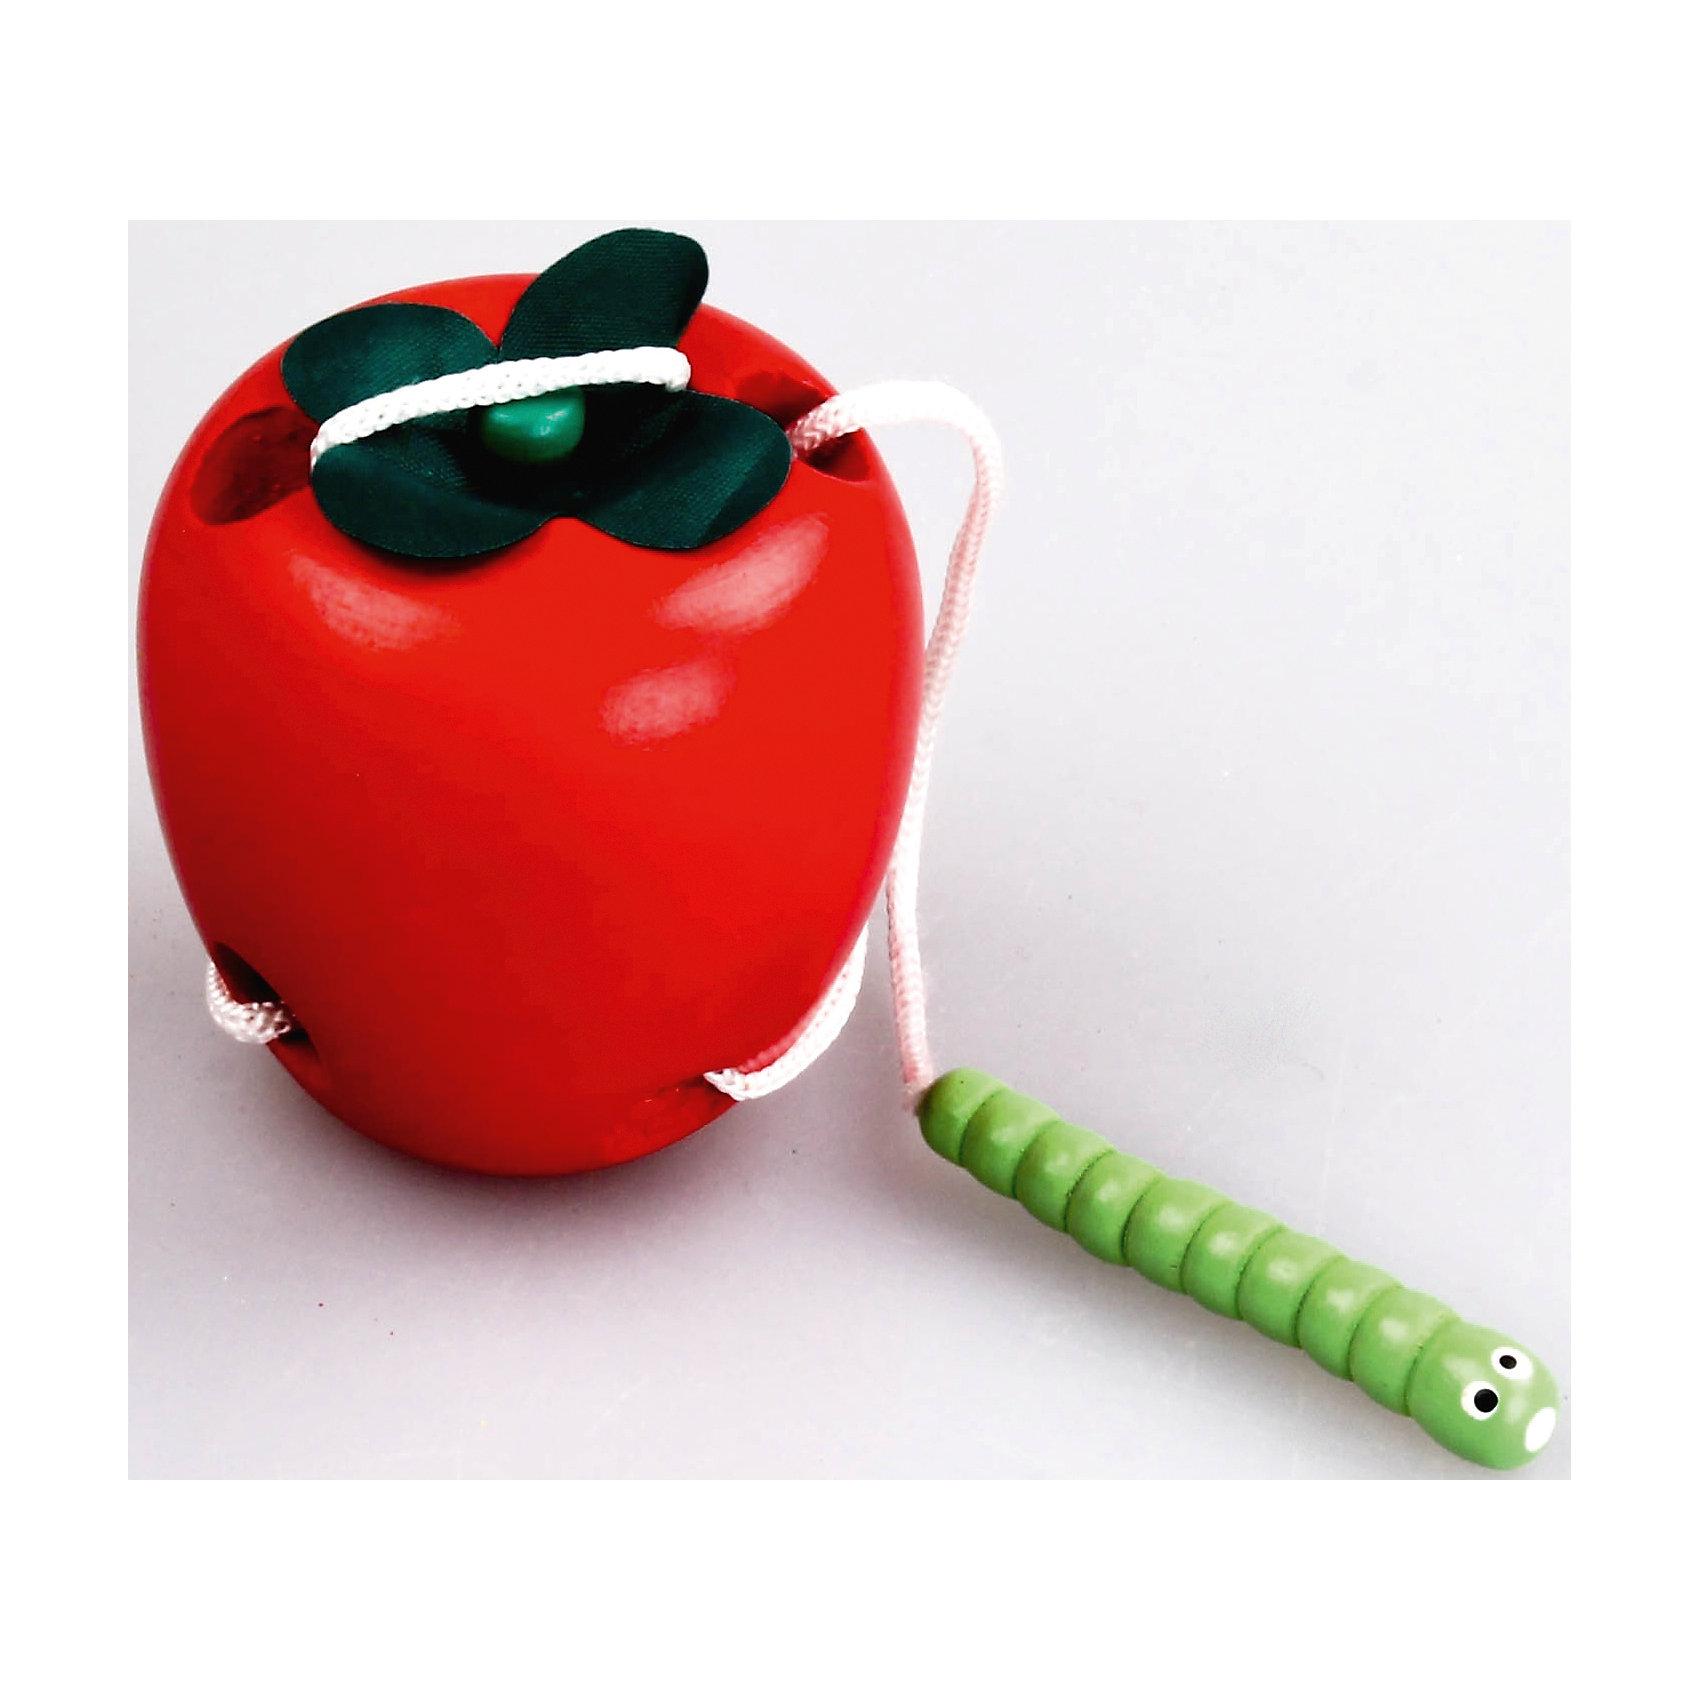 Развивающая игра Яблоко, MapachaДеревянные игры и пазлы<br>Развивающая игра Яблоко от популярного бренда развивающих детских товаров Mapacha (Мапача) развлечет вашу кроху! Эта необычная шнуровка в виде яблока и гусеницы подготовит ребенка к завязыванию шнурков и поможет разработать мелкую моторику ручек и сформировать усидчивость. Малыш должен пропускать гусеницу в отверстия, как иголочку, развивая также и навыки логического мышления. Набор изготовлен из экологически чистого и натурального материала – дерева, отшлифован и окрашен в яркие цвета. <br><br>Дополнительная информация:<br><br>- В комплект входит: яблоко, гусеница со шнурком <br>- Материал: дерево, текстиль<br>- Размер с упаковкой: 21 * 5 * 14 см.<br>- Вес 0,14 кг.<br><br>Развивающую игру  Яблоко, Mapacha (Мапача) можно купить в нашем интернет-магазине.<br><br>Подробнее:<br>• Для детей в возрасте: от 3 до 6 лет<br>• Номер товара: 4925594<br>Страна производитель: Китай<br><br>Ширина мм: 120<br>Глубина мм: 70<br>Высота мм: 190<br>Вес г: 83<br>Возраст от месяцев: 36<br>Возраст до месяцев: 120<br>Пол: Унисекс<br>Возраст: Детский<br>SKU: 4925594